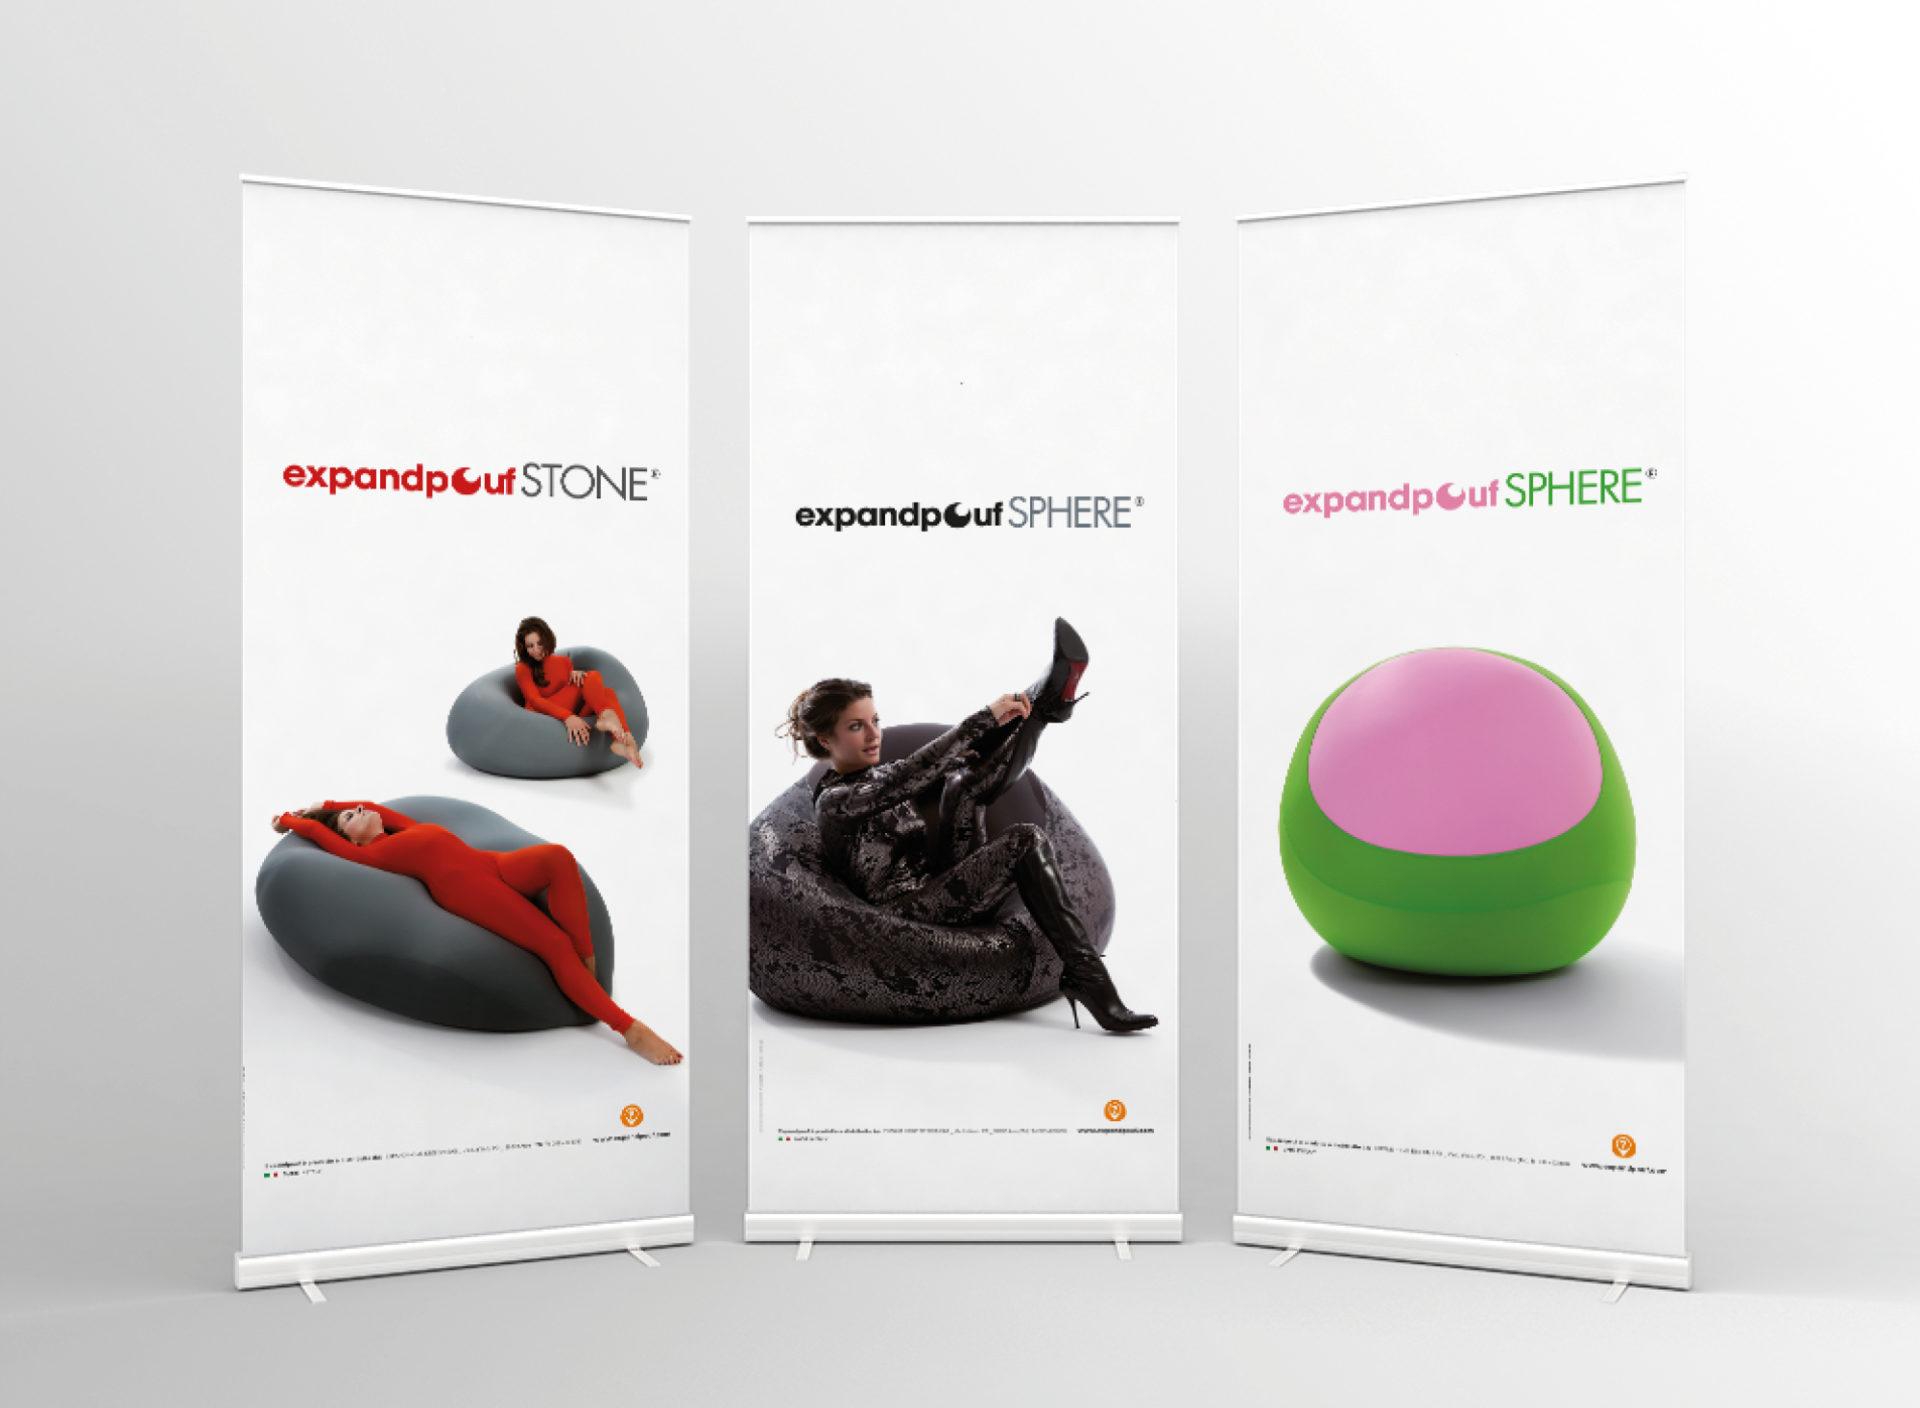 progetto per stand-up autoportanti e per il marchio expandpouf creato dalla aggenzia di pubblicità diadestudio arco di trento